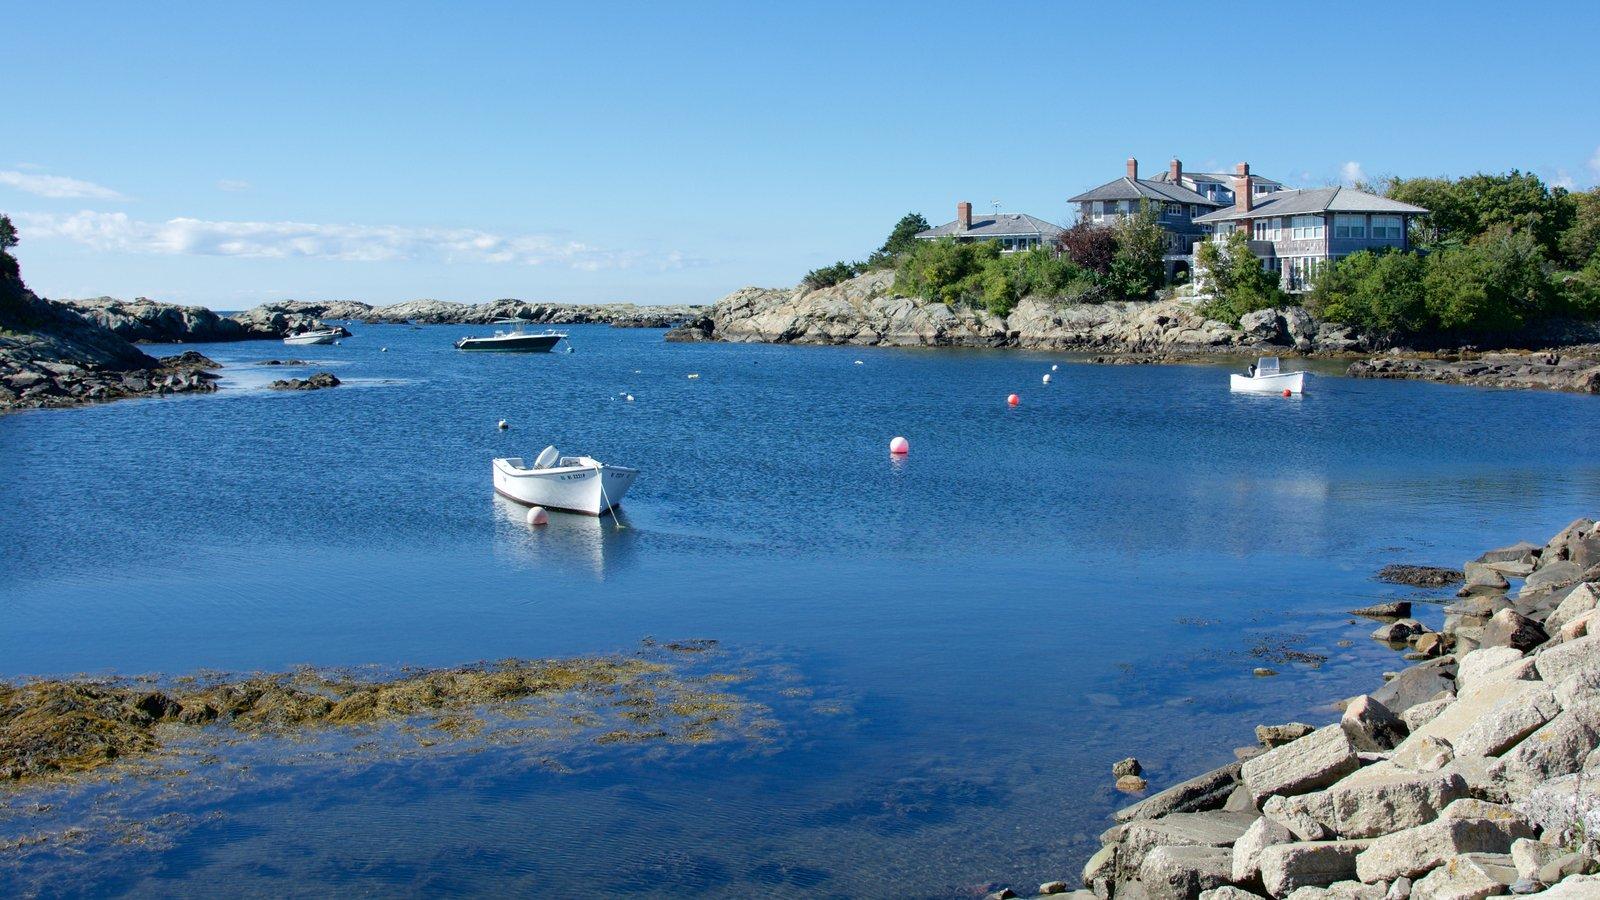 Newport ofreciendo costa rocosa y una bahía o puerto